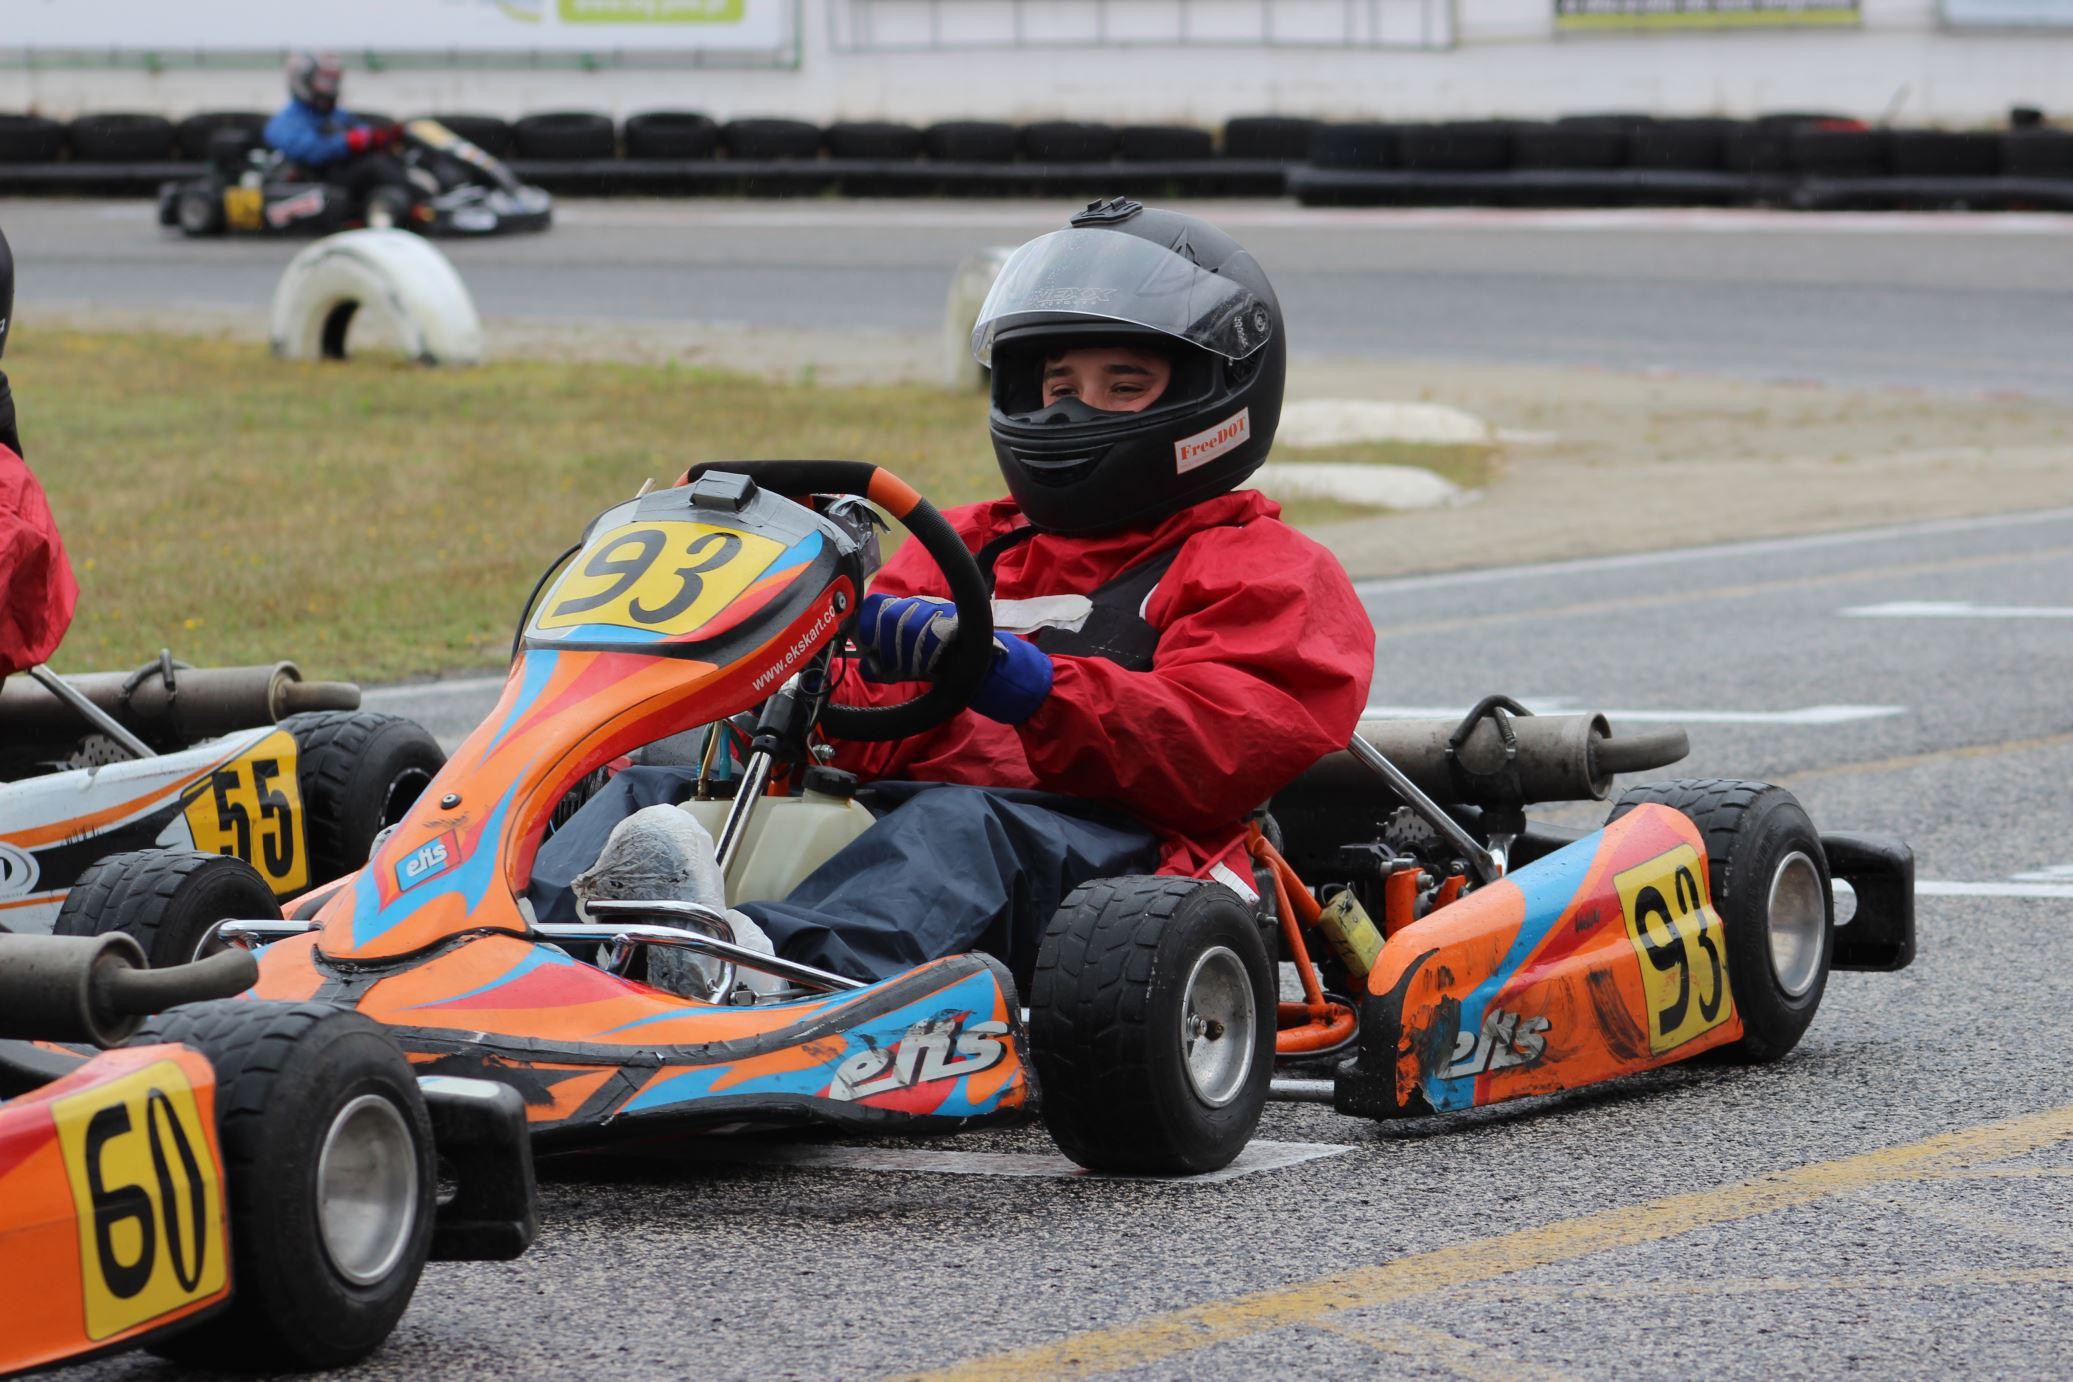 Troféu Honda 2014 - 2ª Prova113